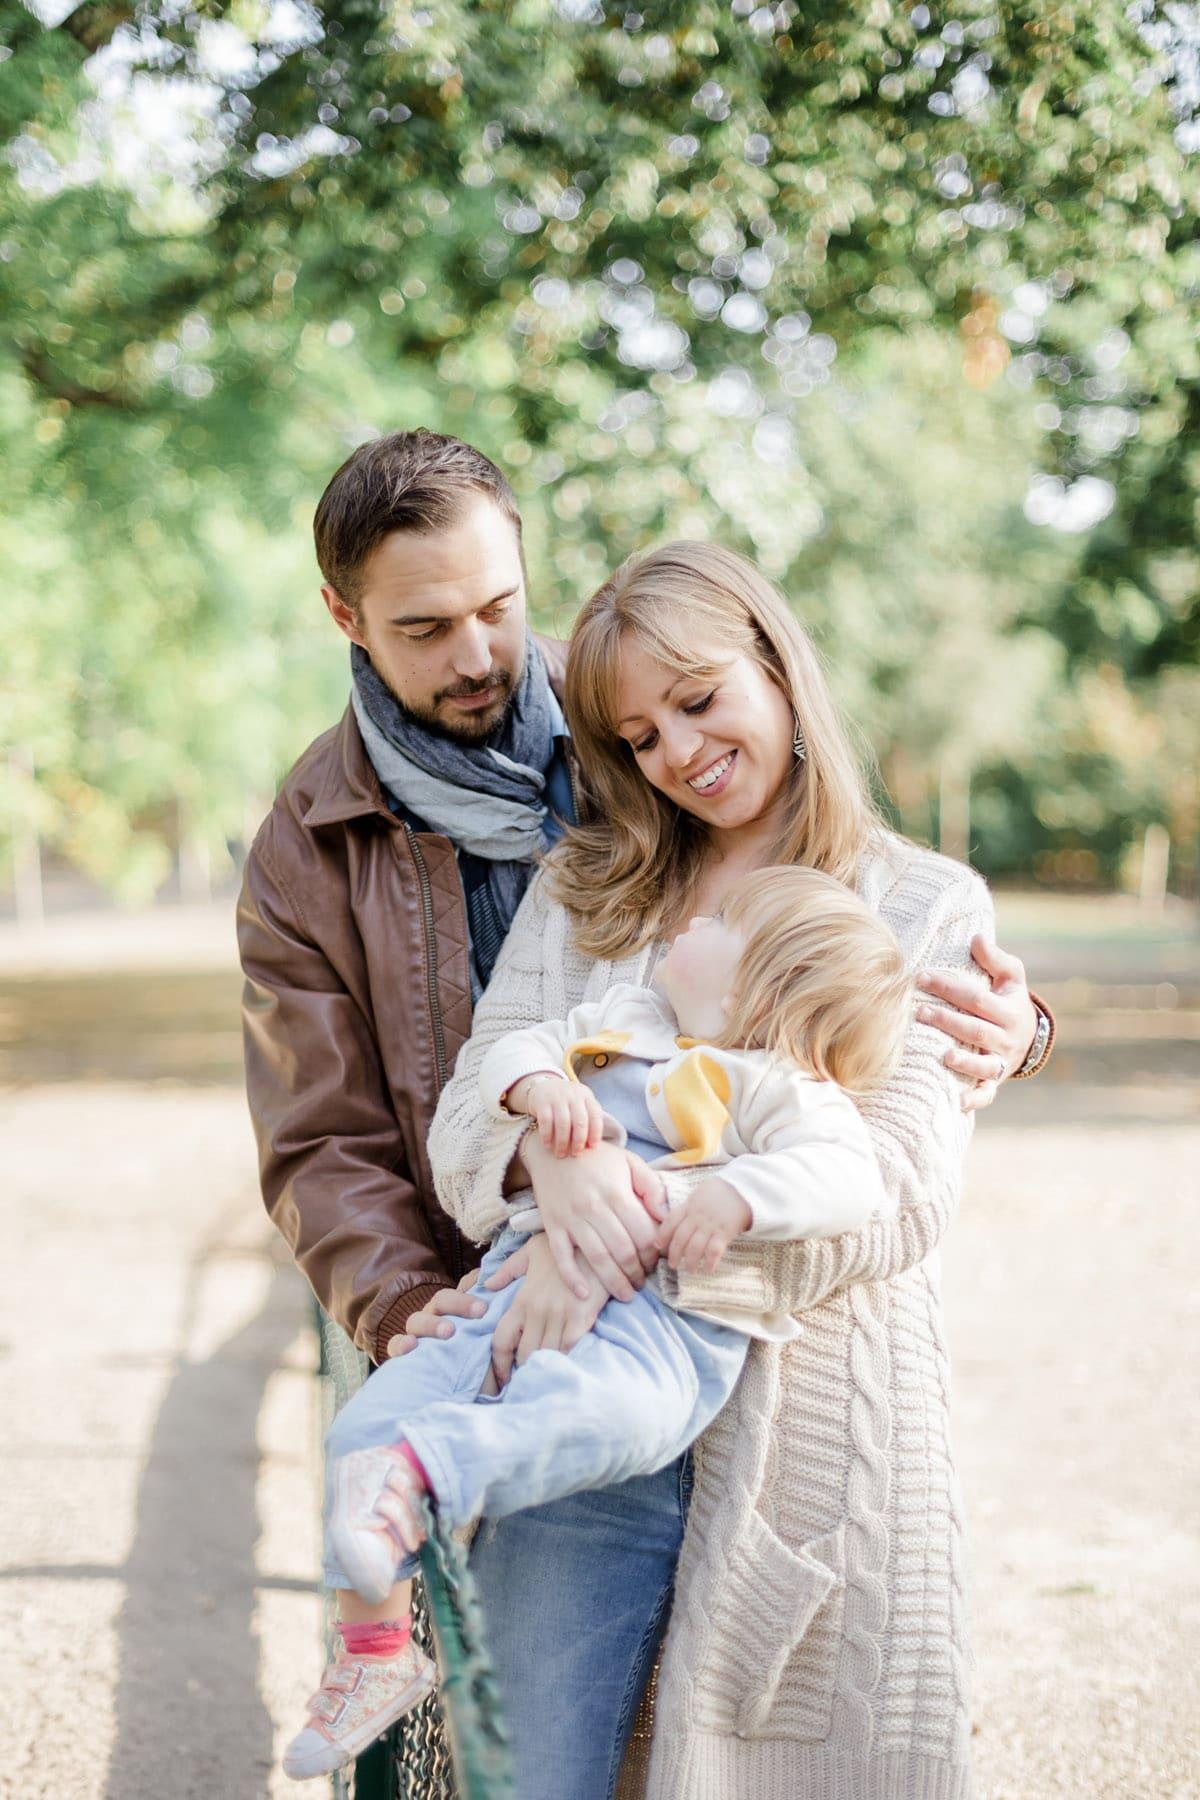 photographe famille enfants bebe bordeaux parc lifestyle fineart francais sarah miramon alexie alicia adrian 06